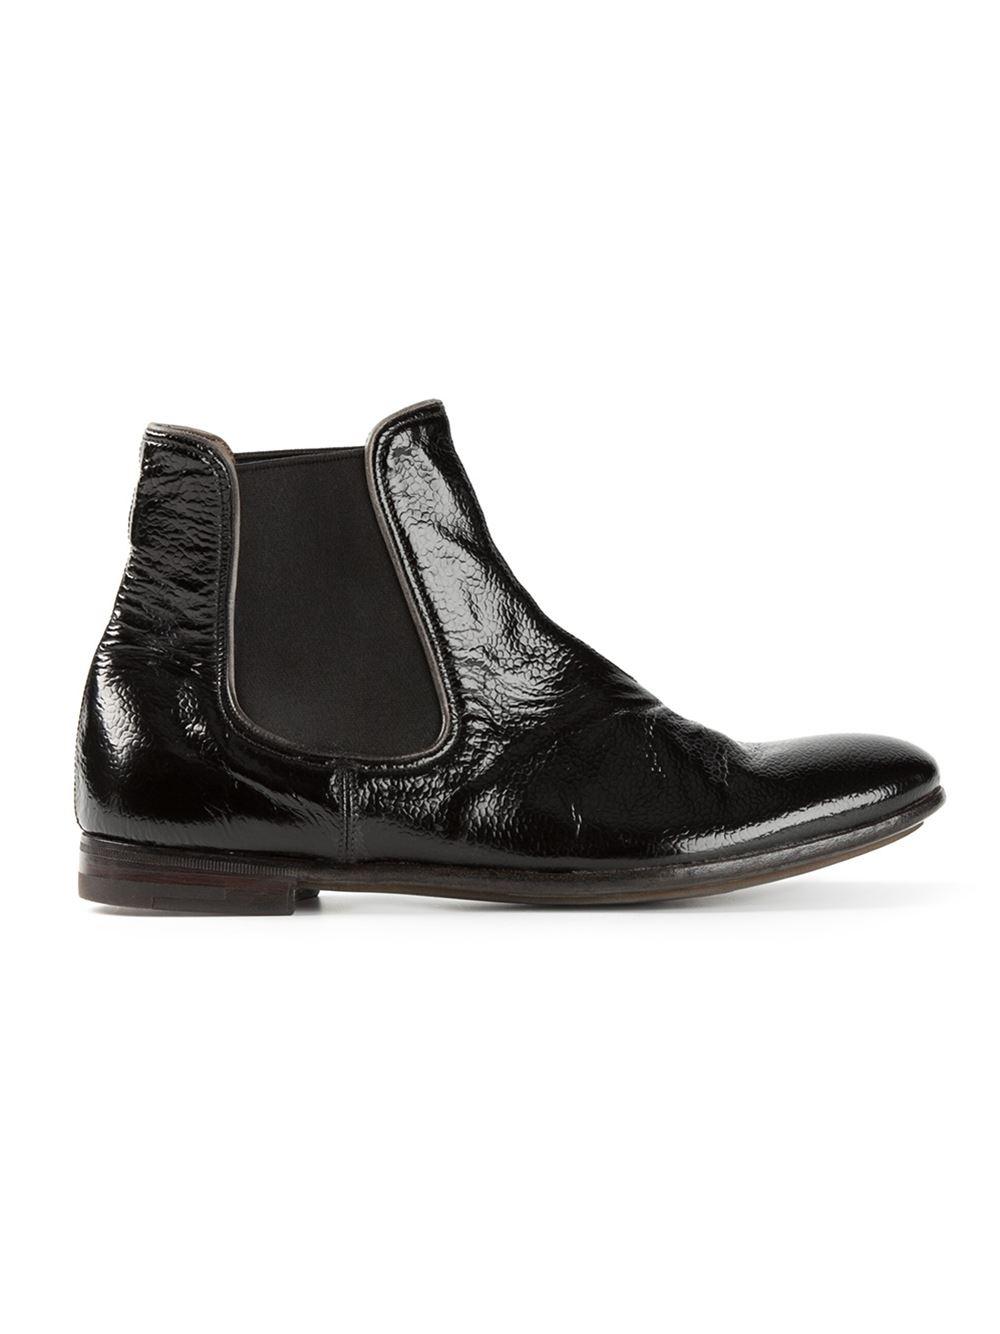 Premiata Chelsea Boots in Black